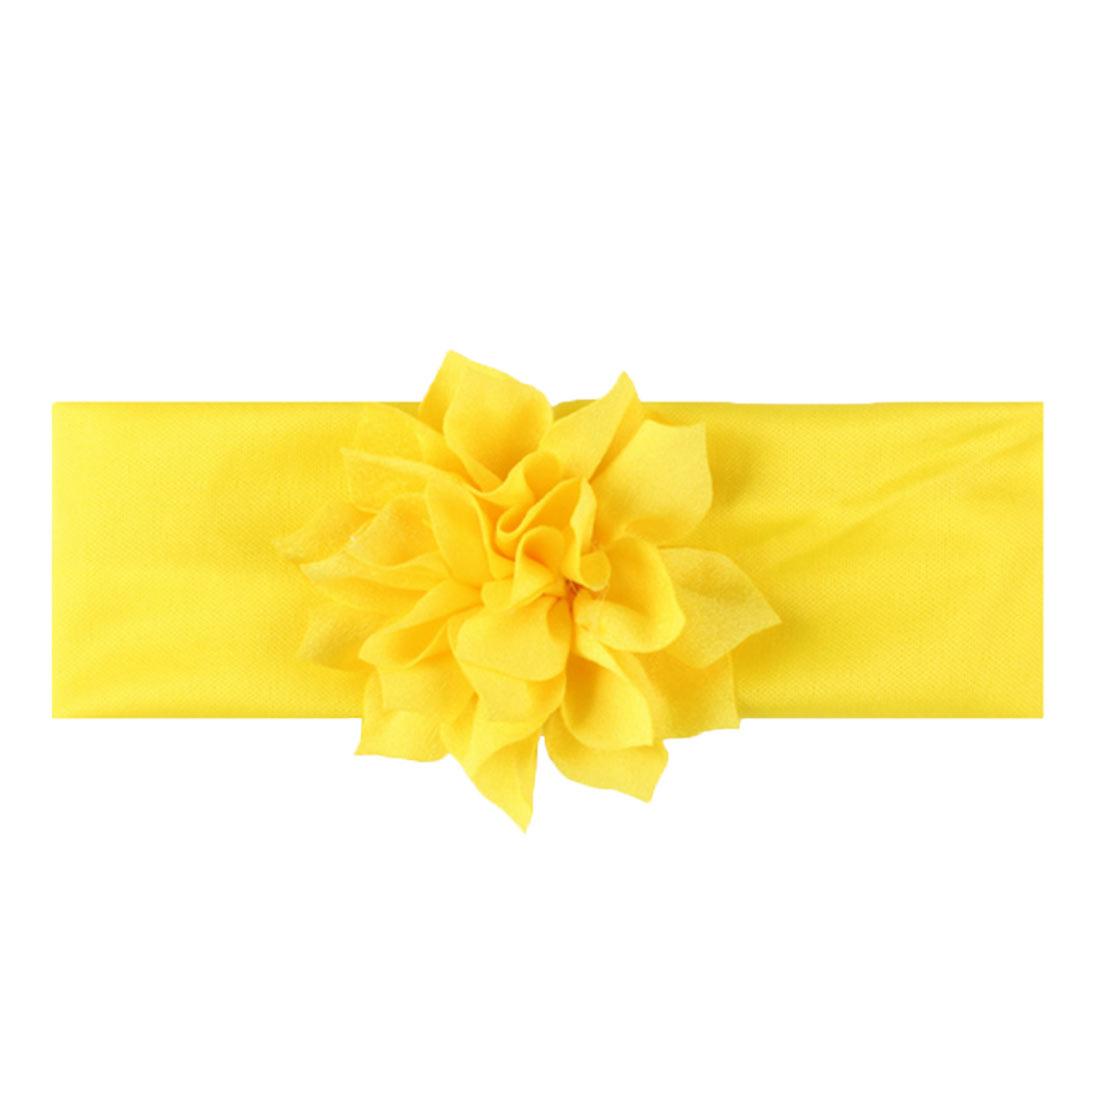 Baby-Bow-Nylon-Headband-Soft-Stretch-Flower-Nylon-Headband-Children-039-s-Headband thumbnail 6